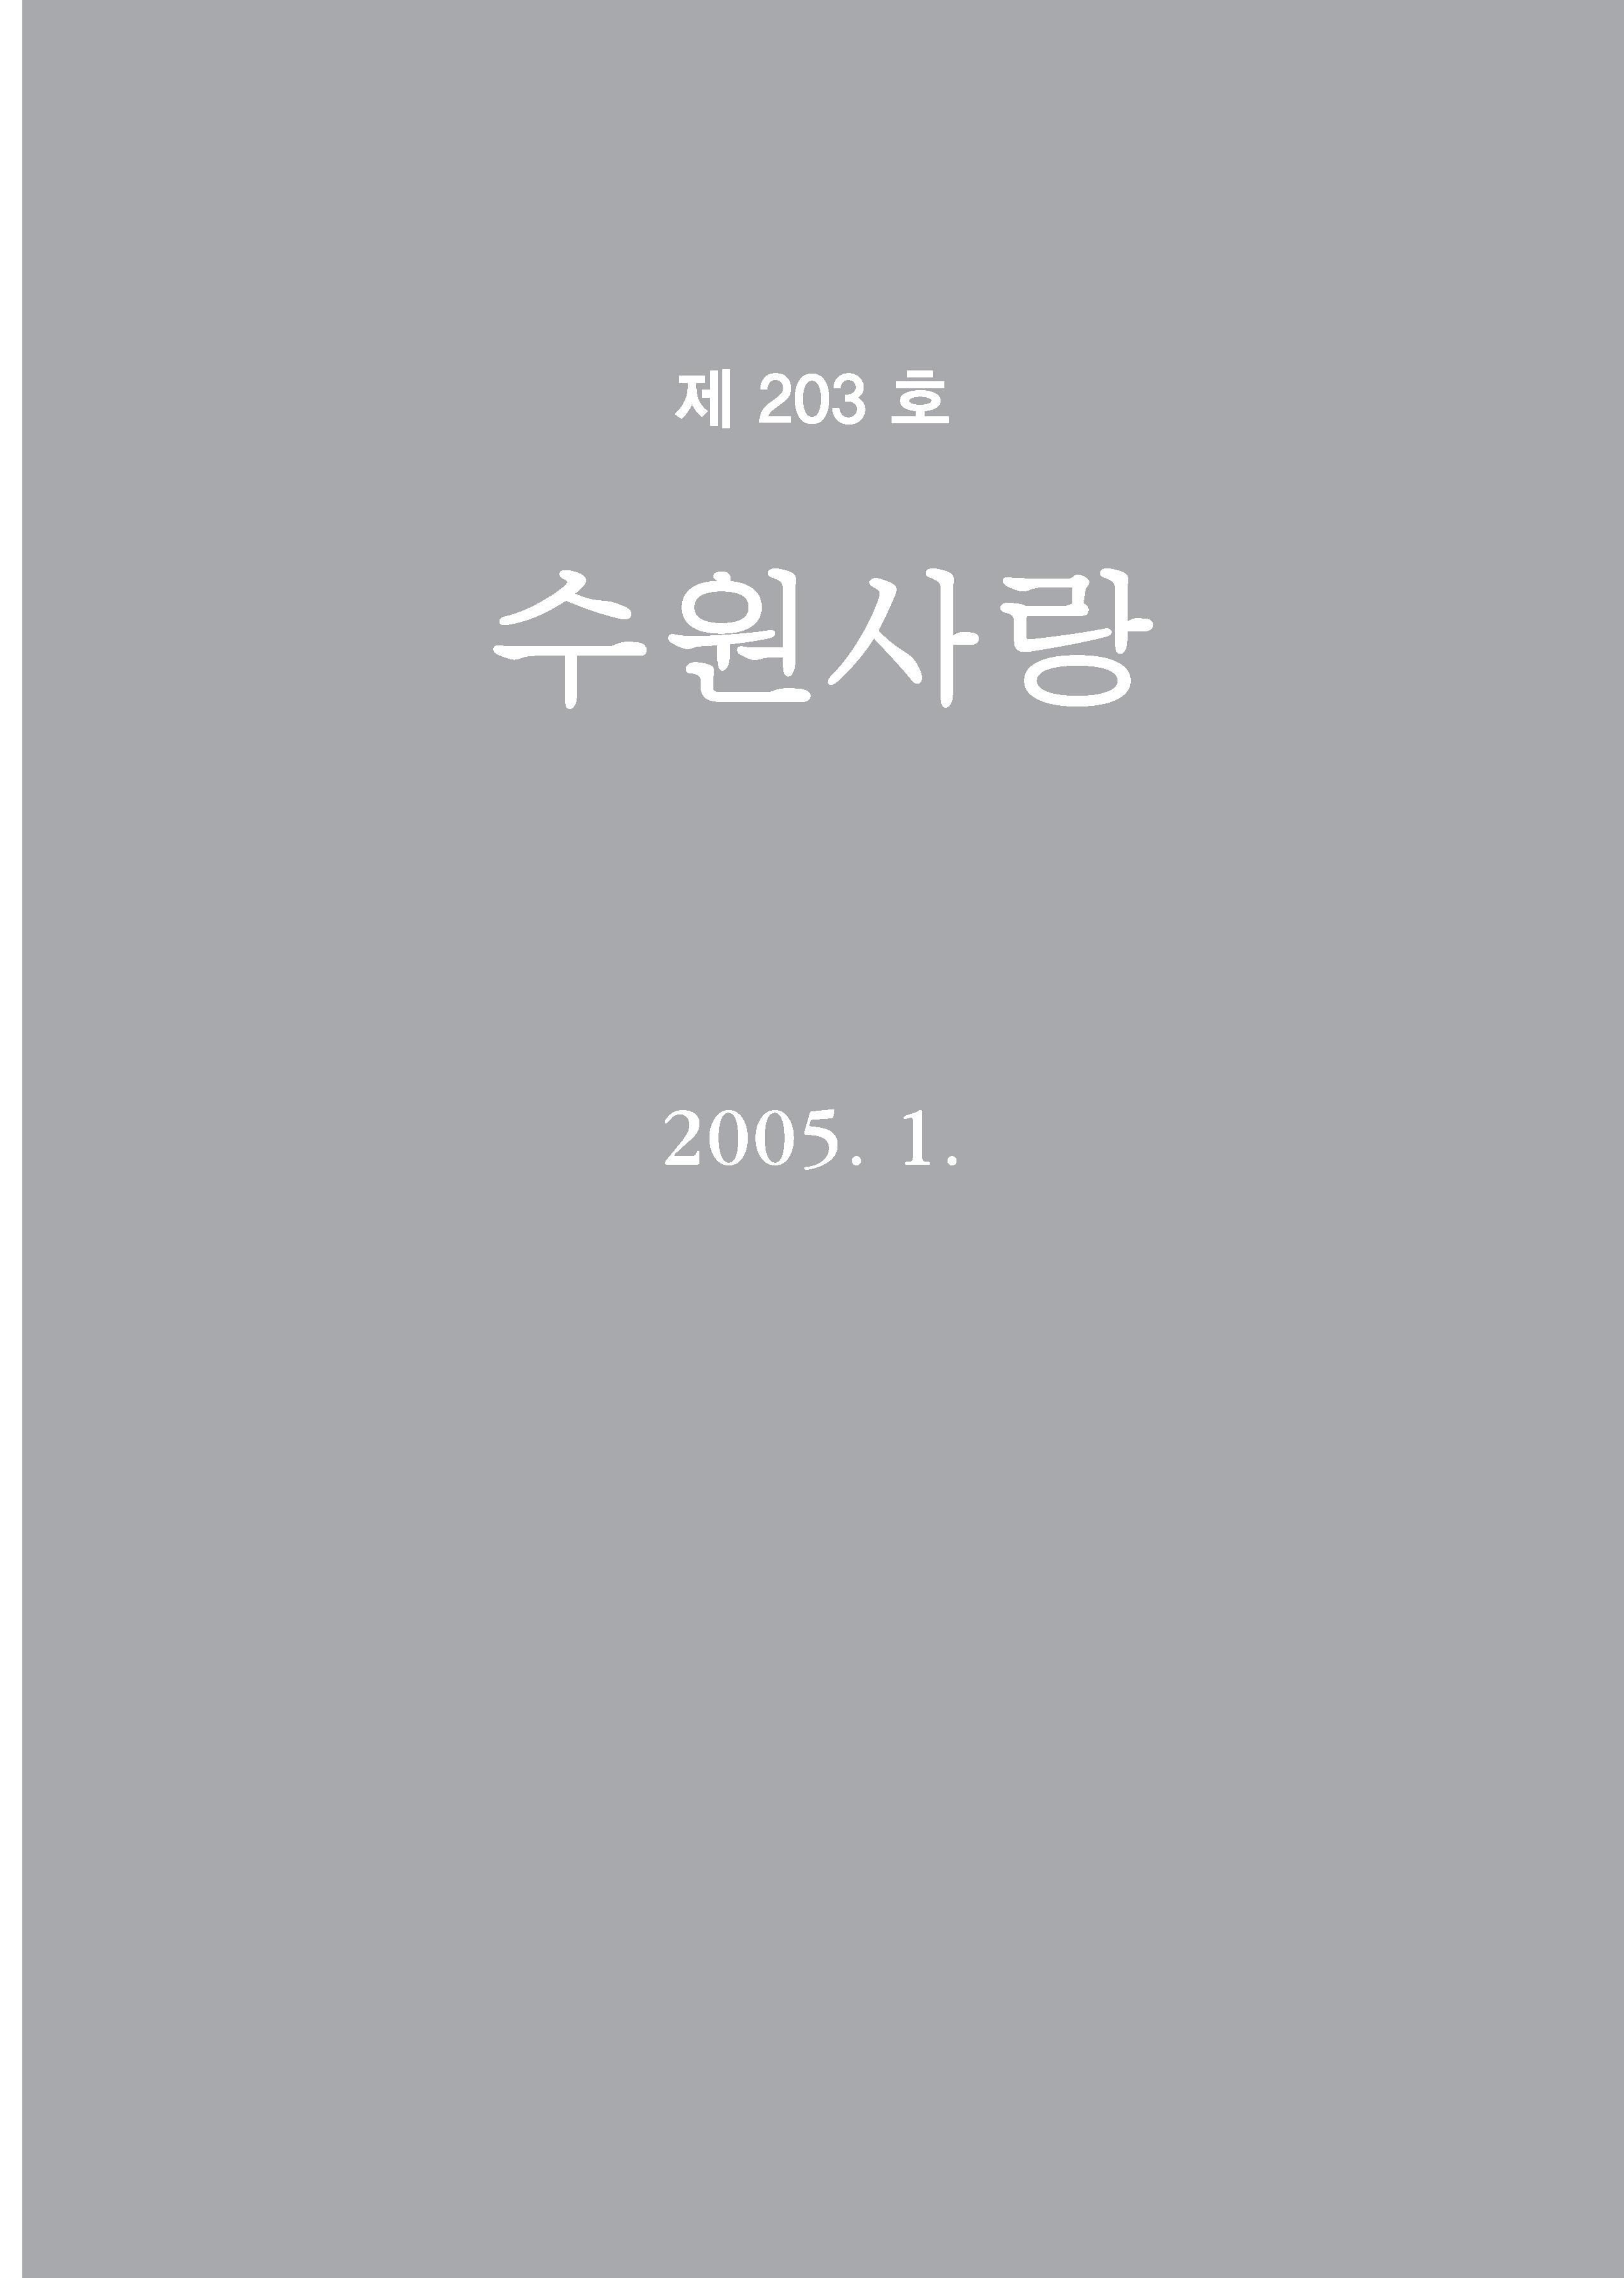 수원사랑 203호